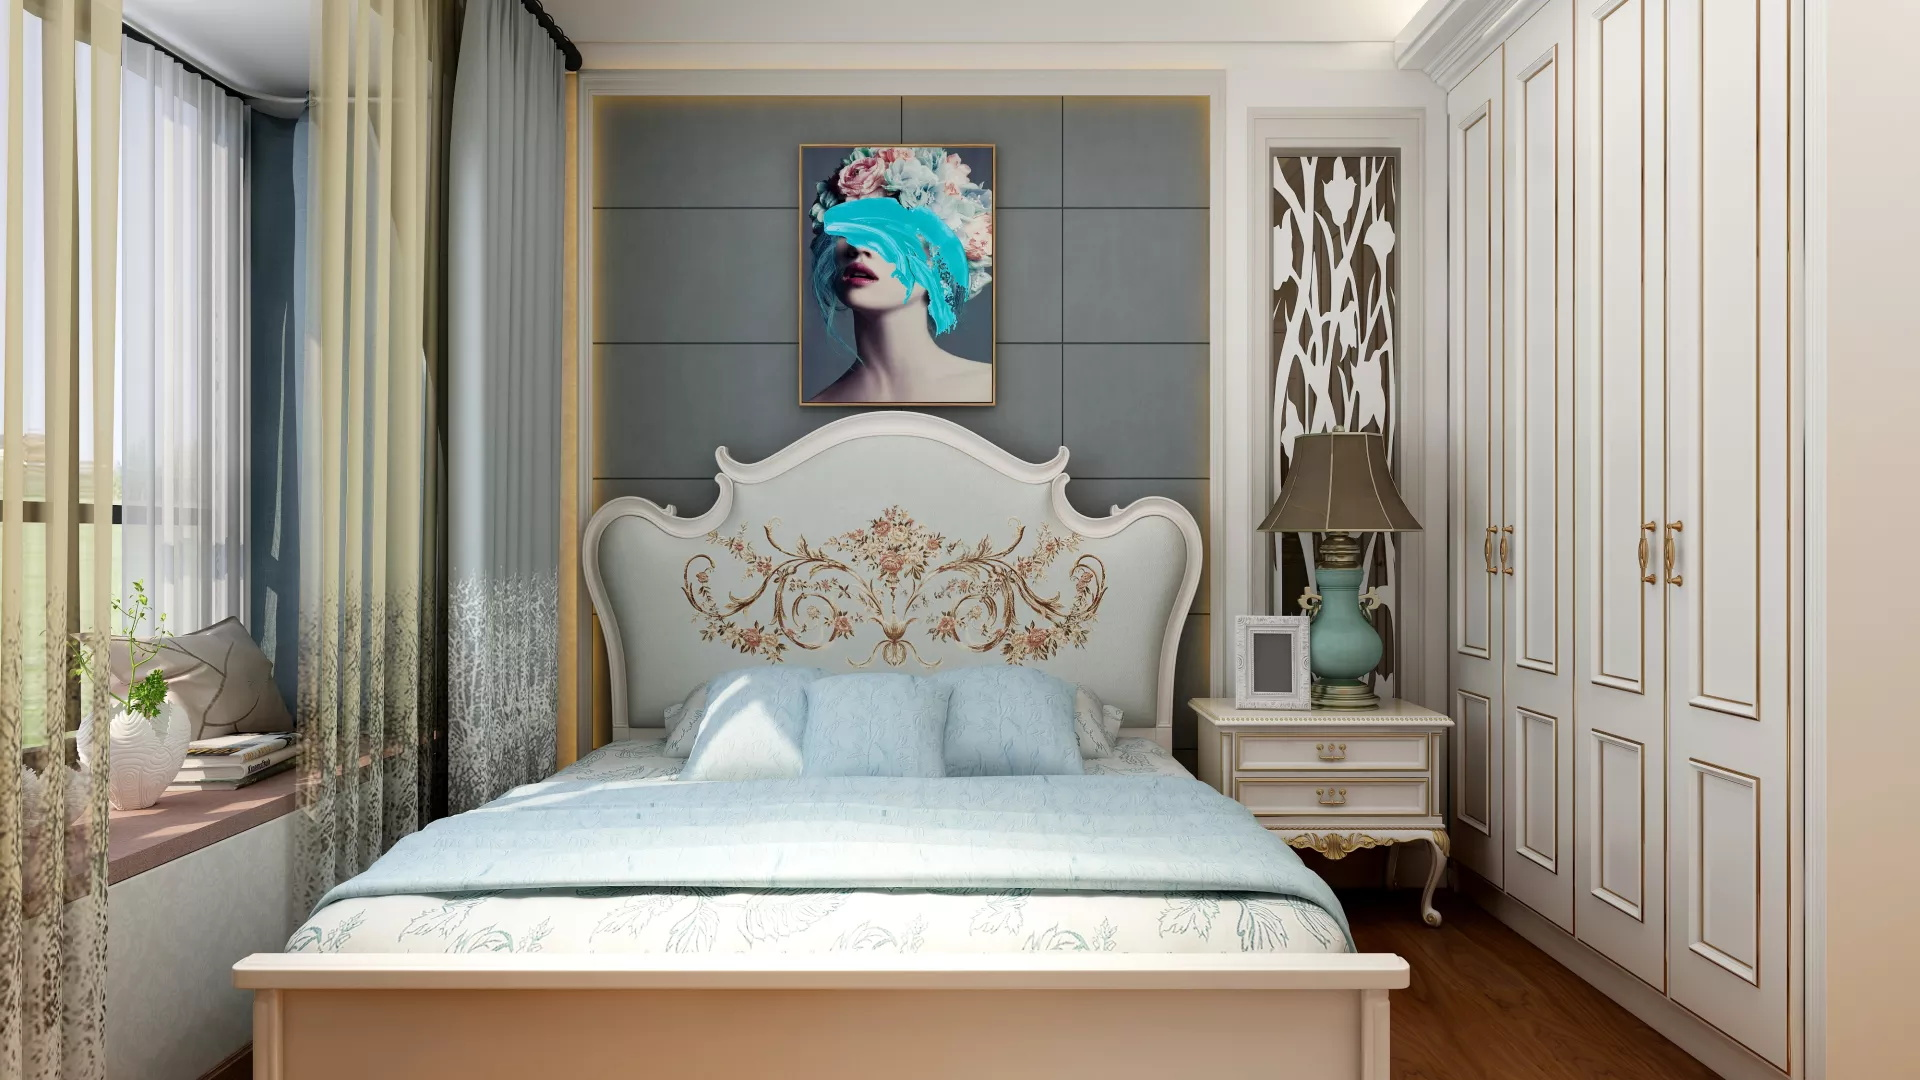 小卧室空间布局如何设计?